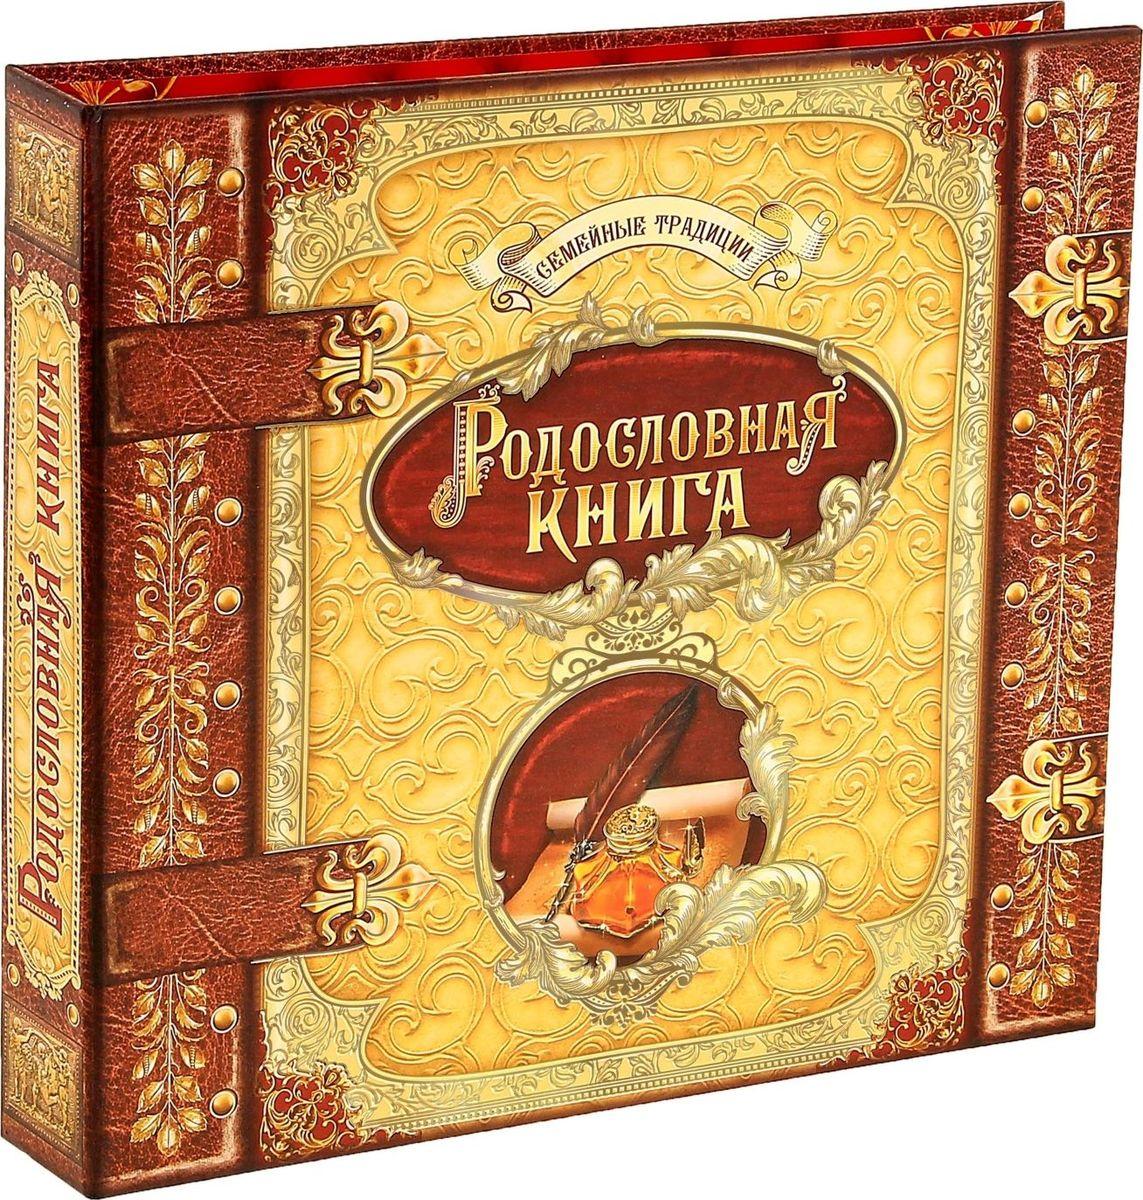 Родословная книга Семейные традиции, 30 х 30 х 4,5 см книга родословная купить в екатеринбурге